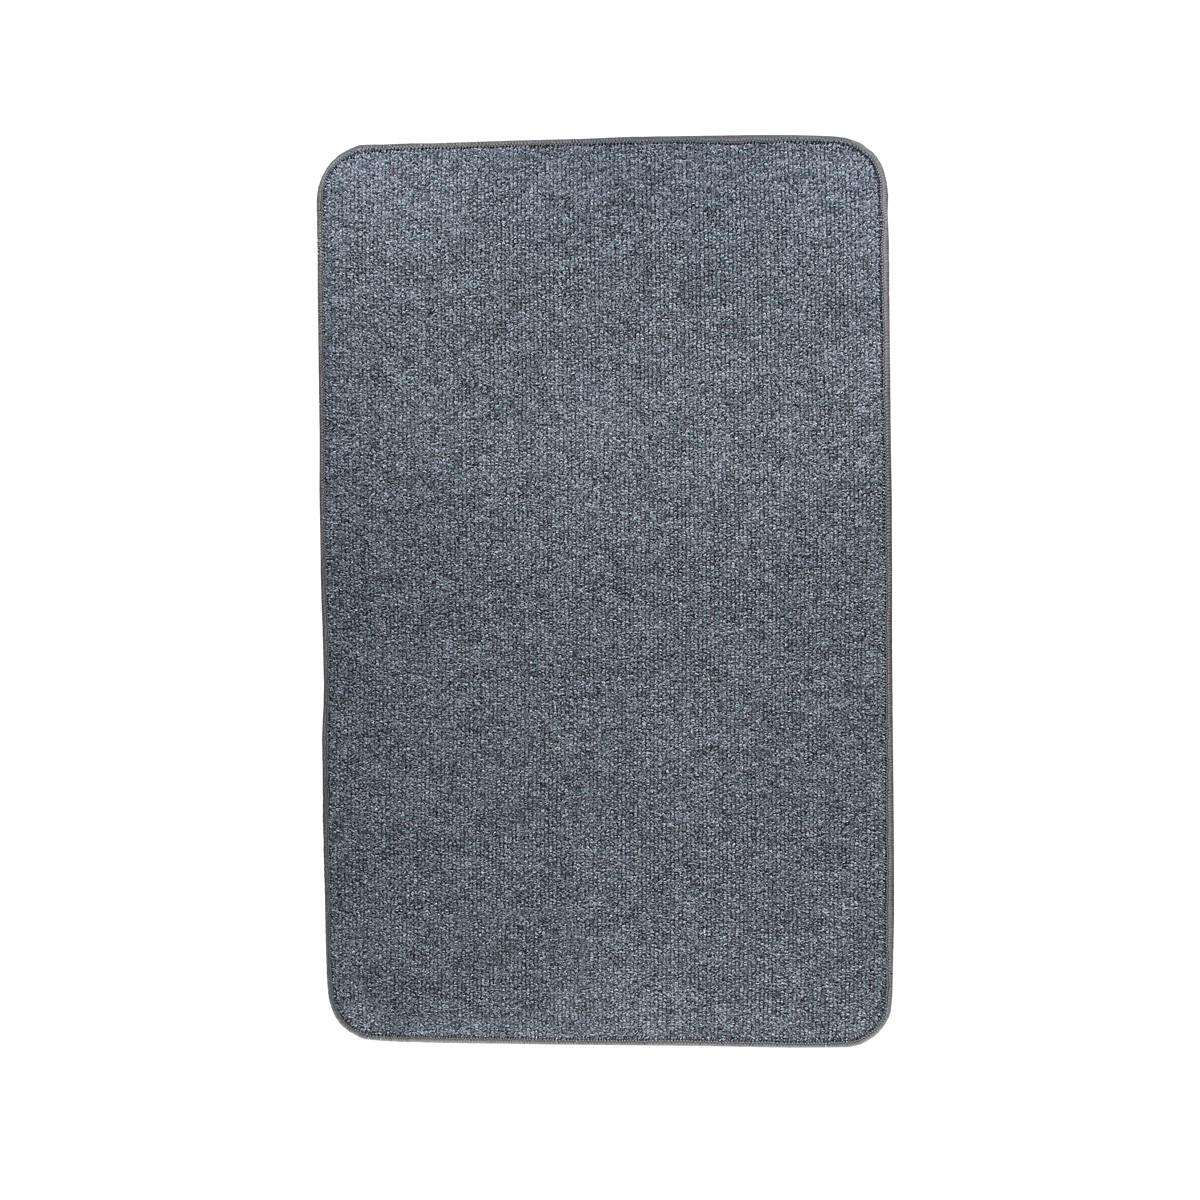 Электрический коврик с подогревом Теплик с термо и гидроизоляцией 50 х 100 см Темно-серый